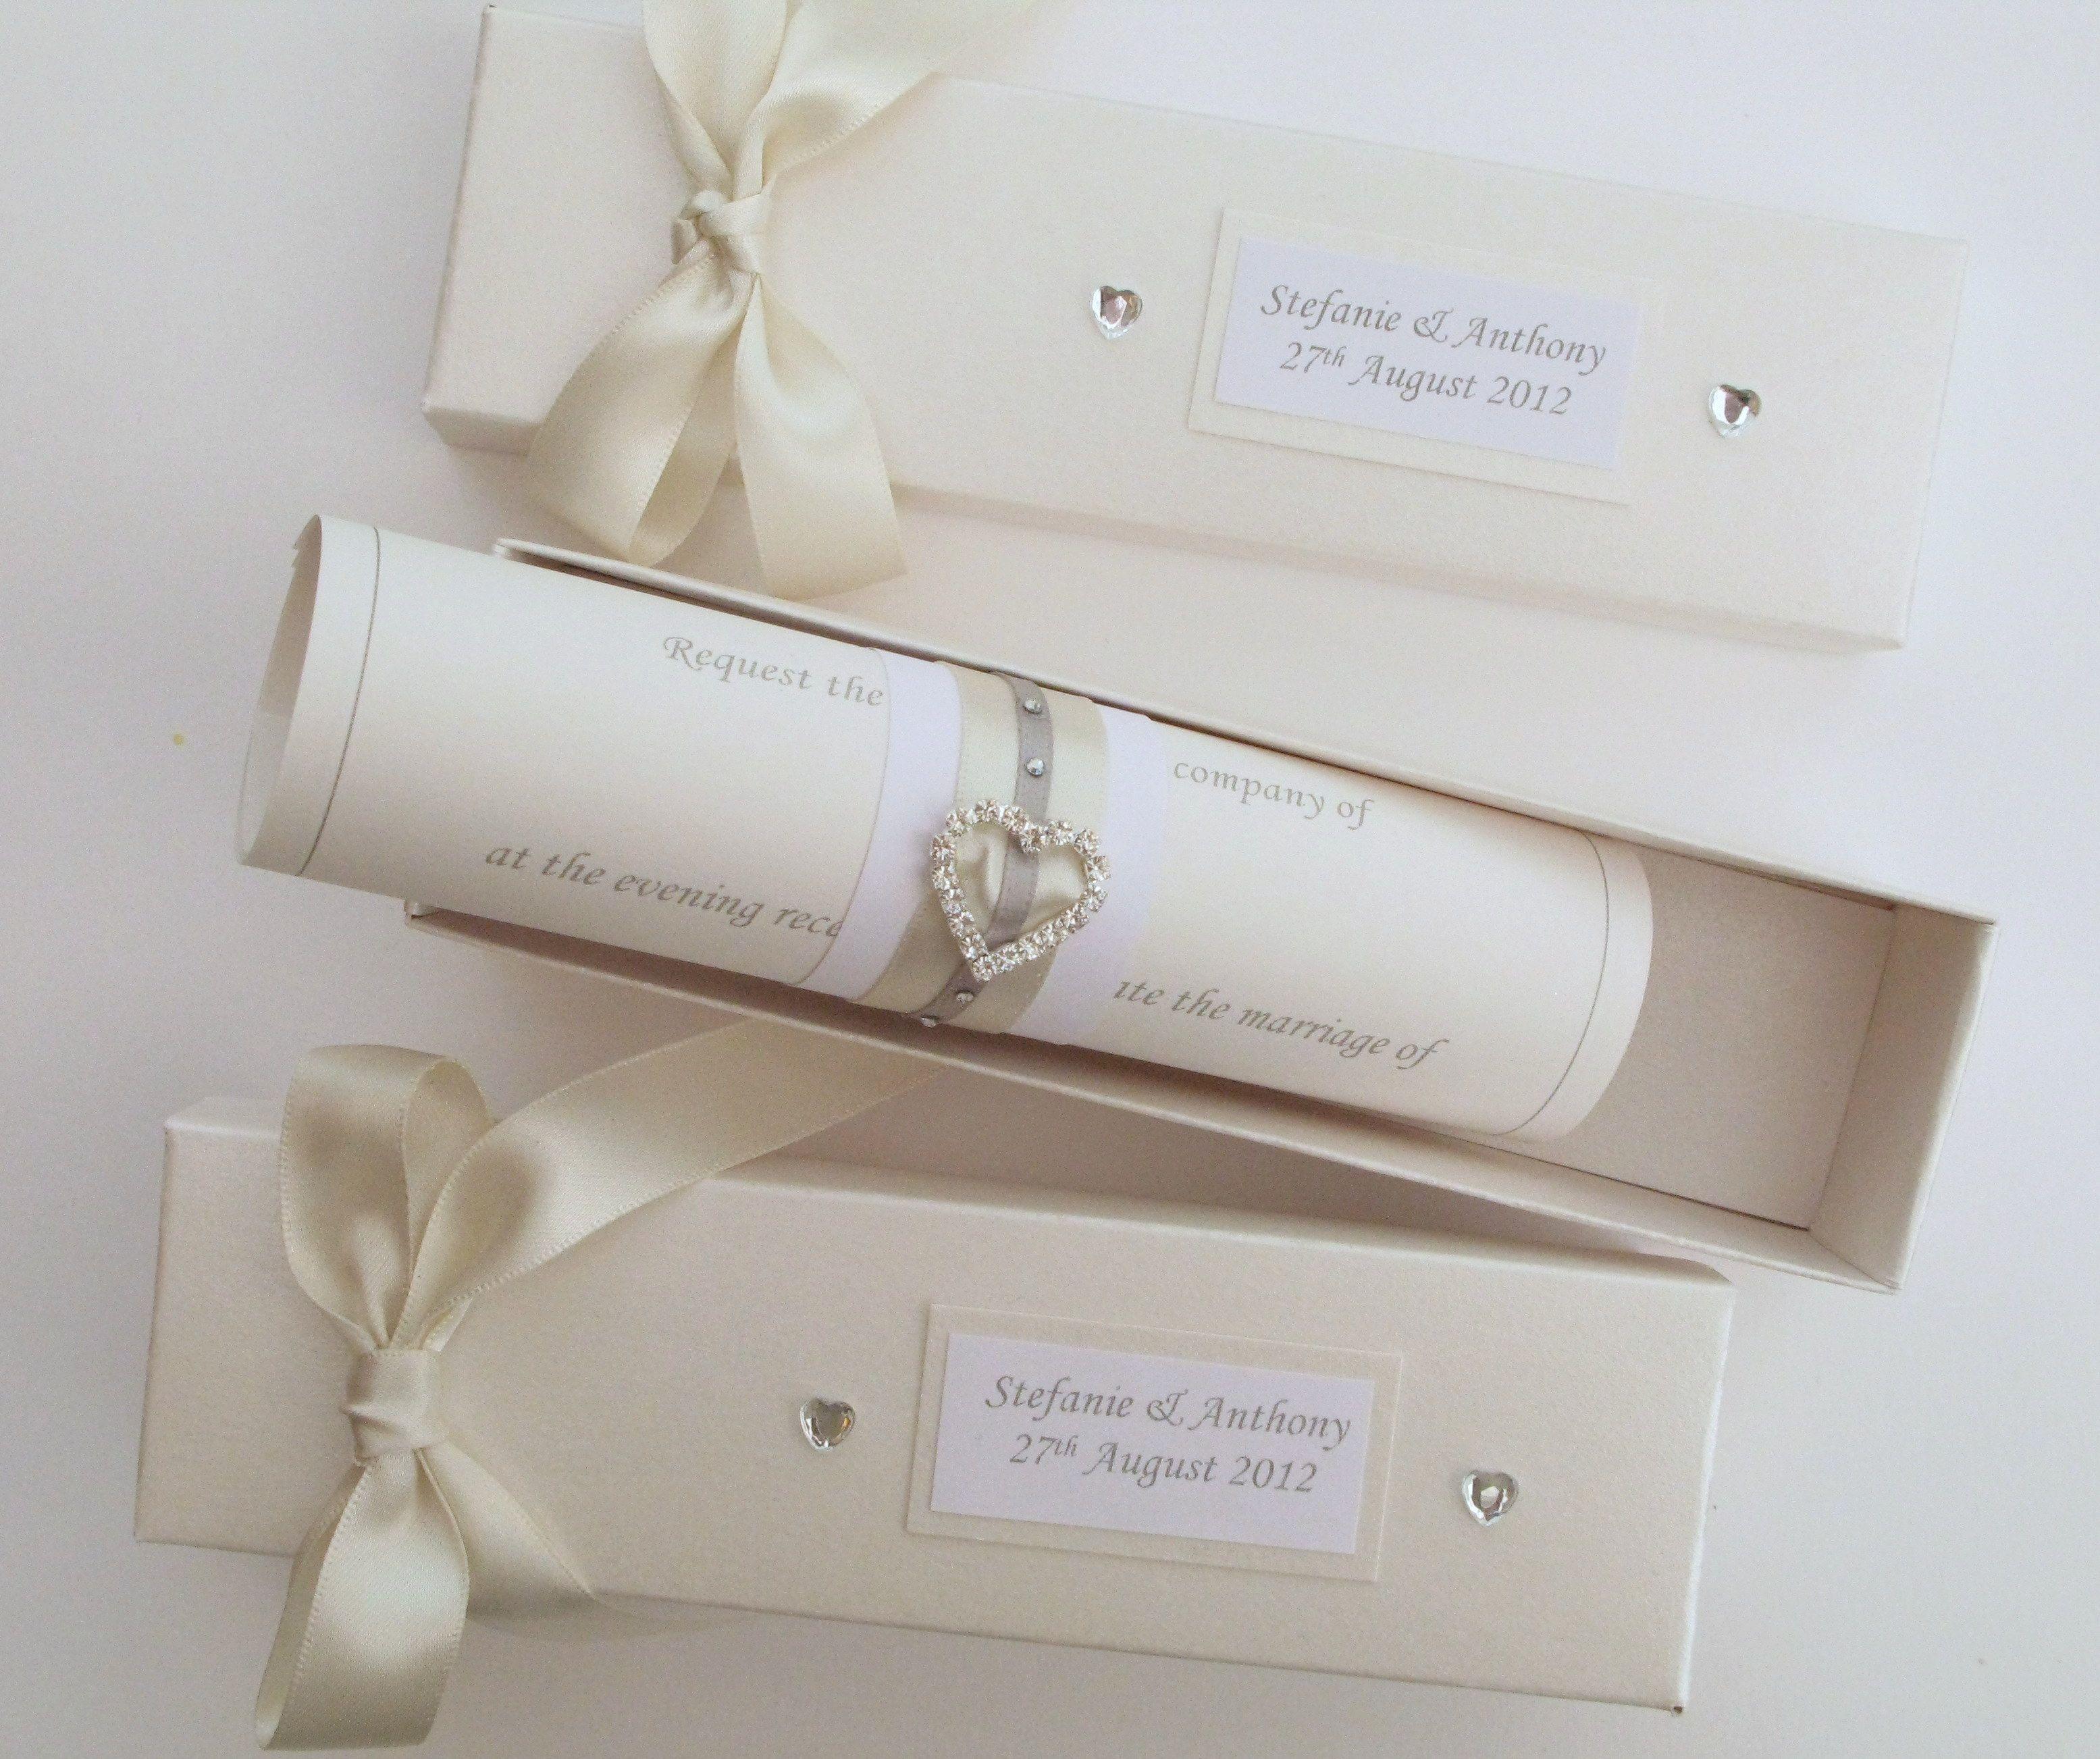 scroll wedding invitations Elegant Wedding Invitations with Crystals Scroll Wedding Invitations Carol Miller Designs wedding